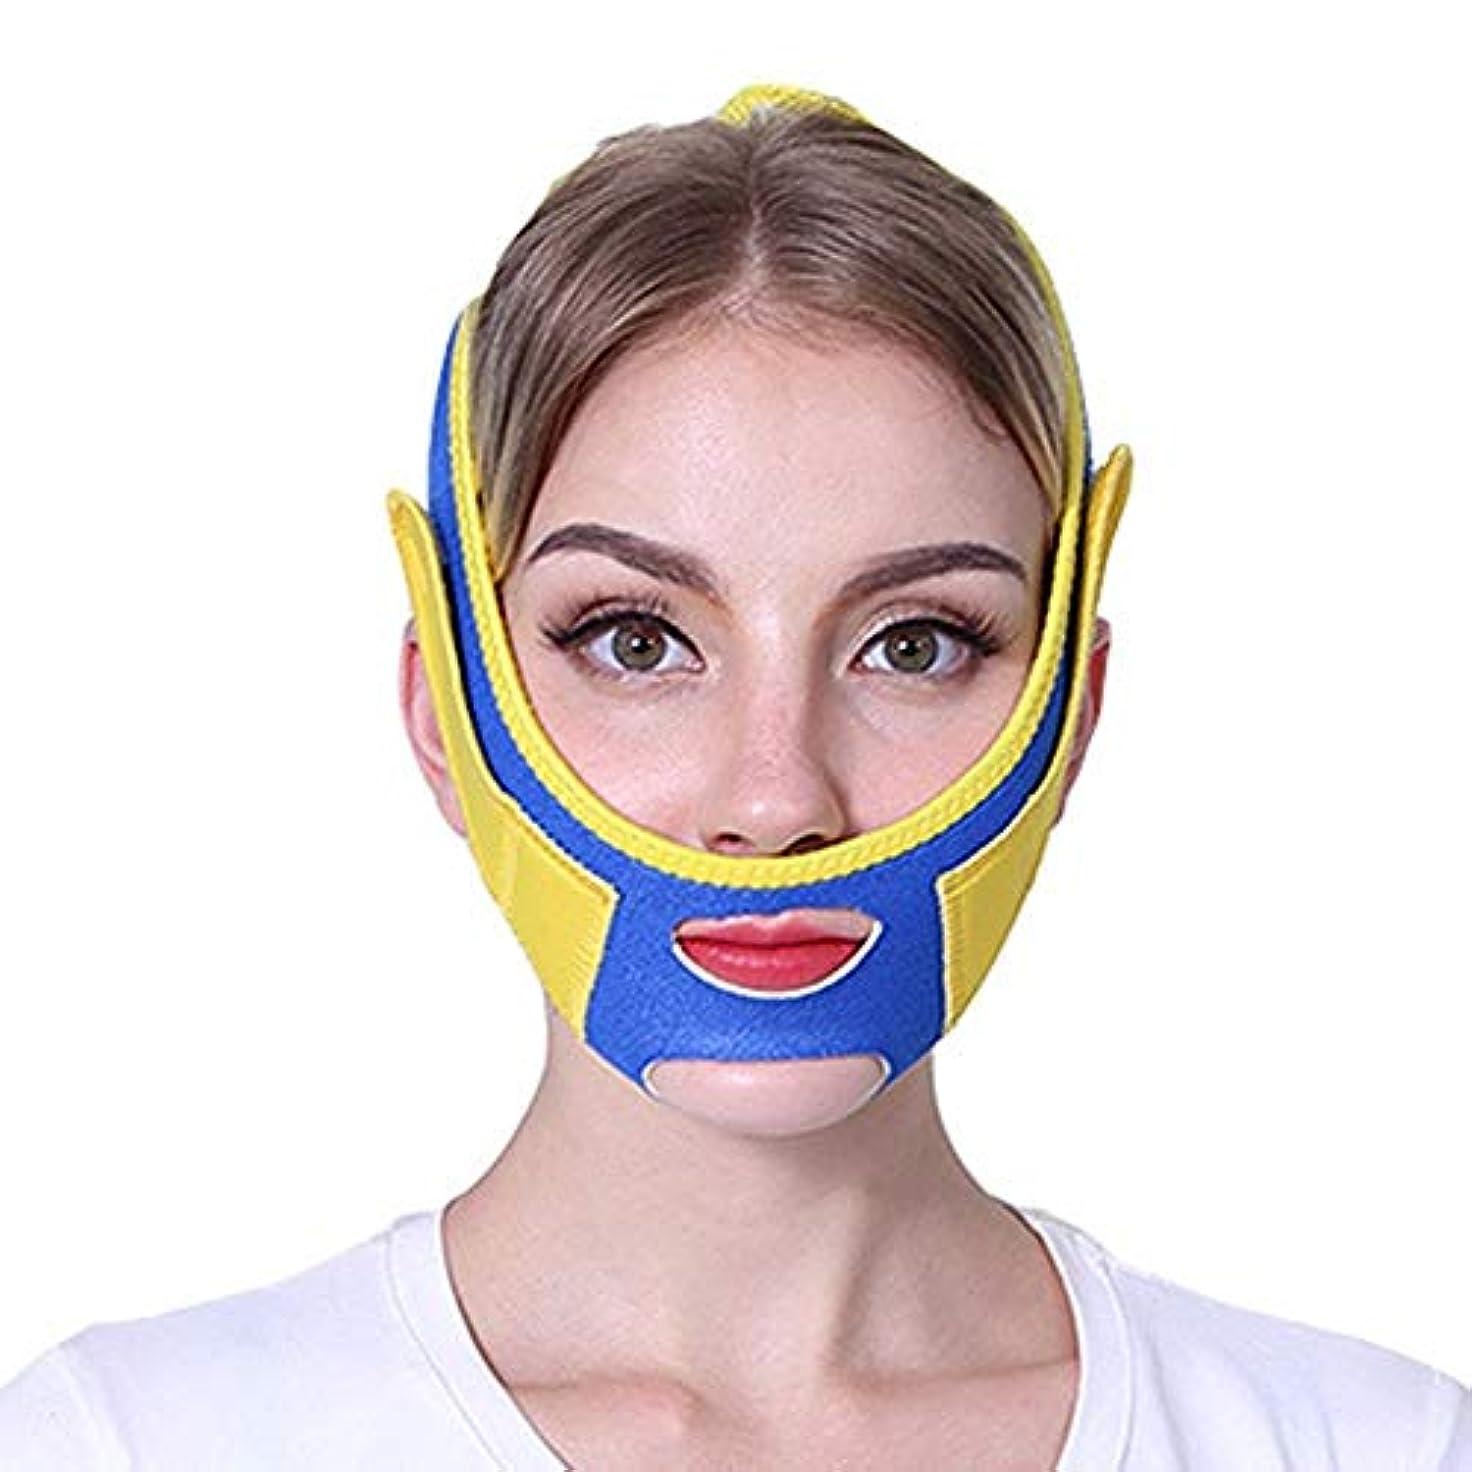 階下印象媒染剤フェイスリフティング包帯、フェイシャルマッサージV字型で肌の弾力性を高め ダブルチンの美容ケアツール (Color : Blue)